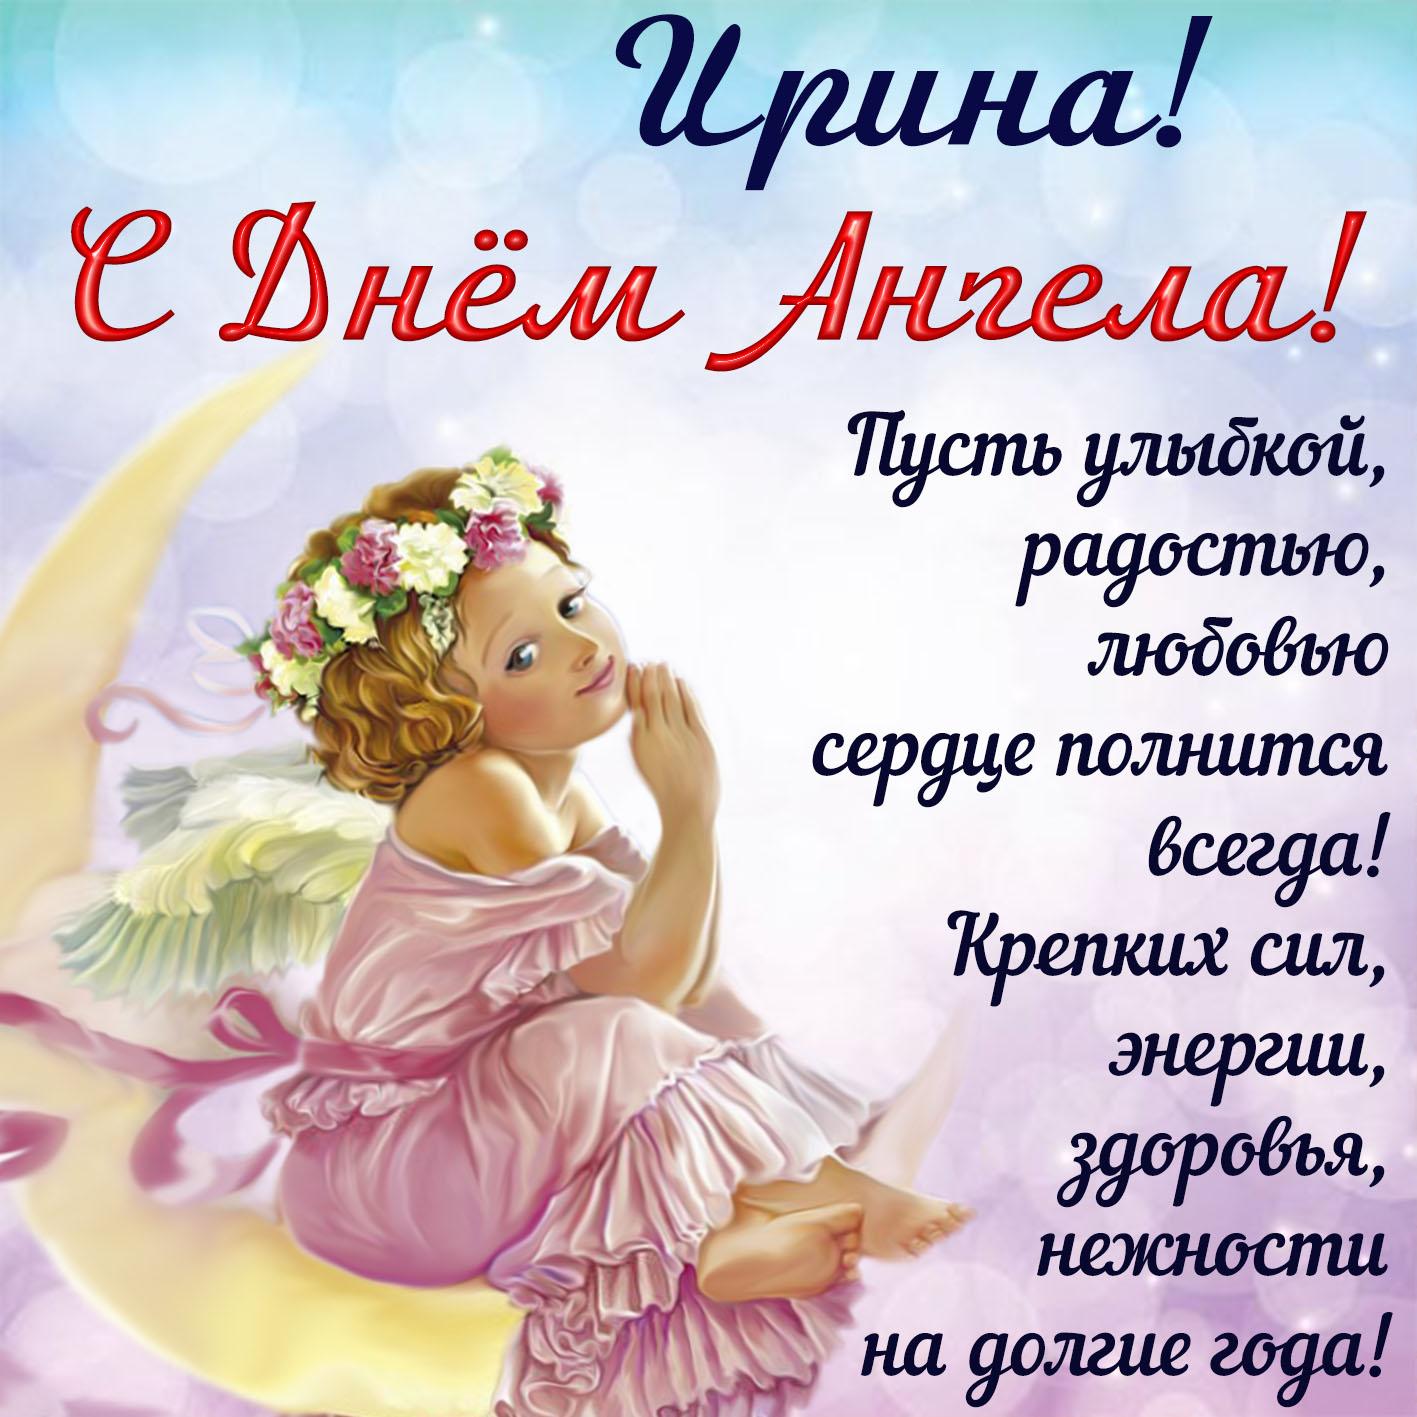 Красивые открытки в день ангела